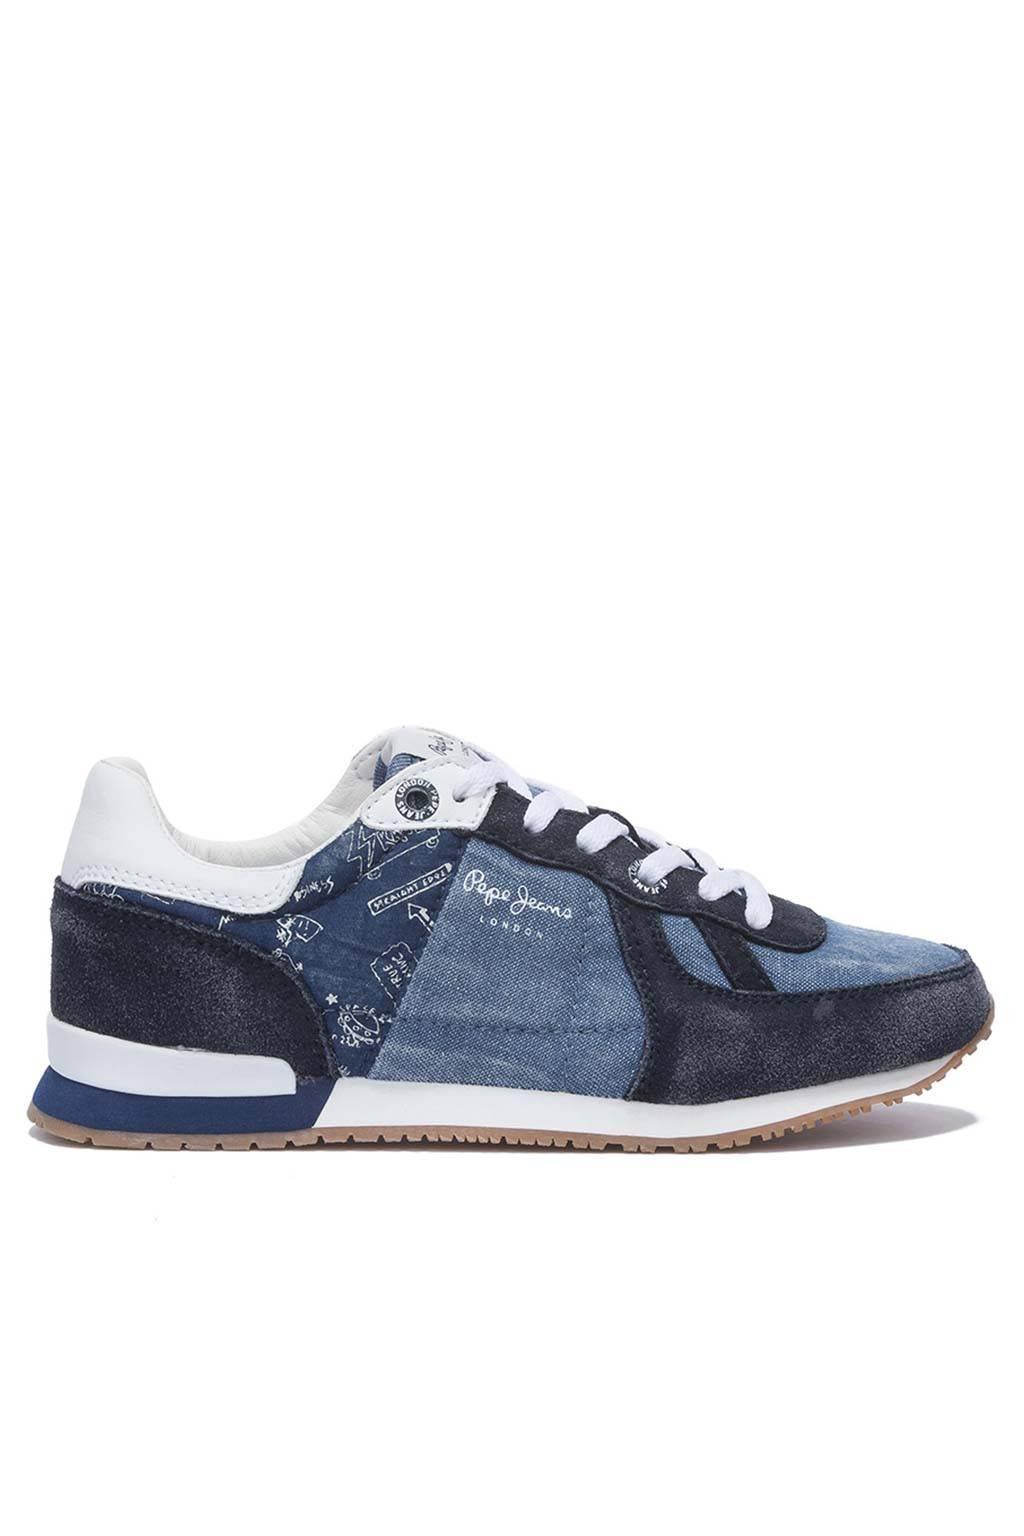 sneakers shoes Pepe Jeans sydney print 559 medinapiel.es